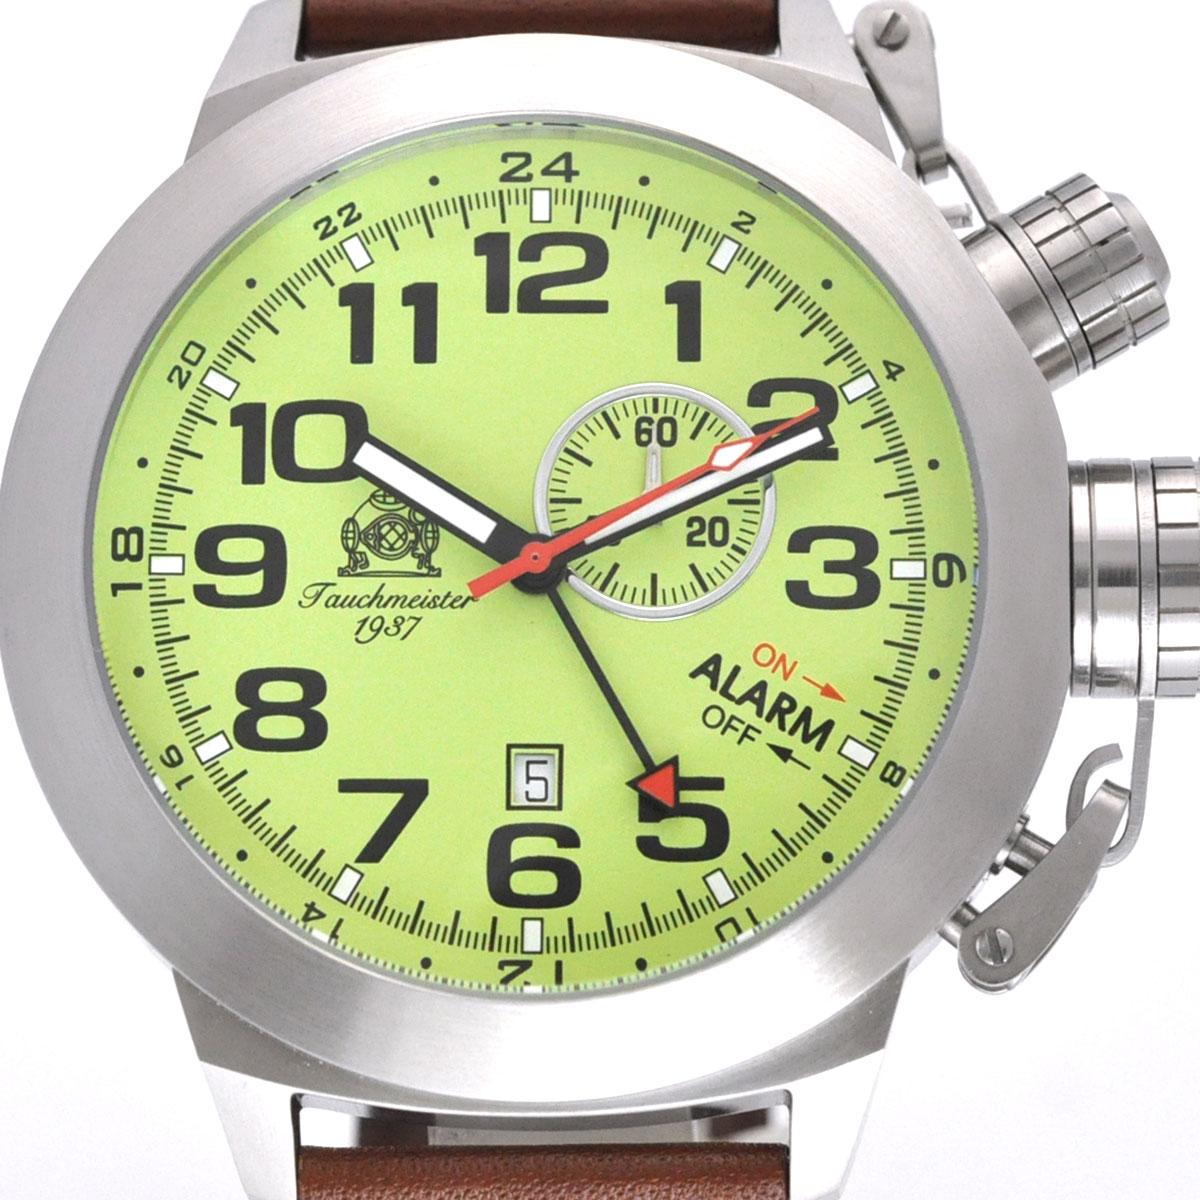 【残り1点】Tauchmeister 1937 トーチマイスター1937 電池式クォーツ 腕時計 [T0306] 並行輸入品  デイト GMT(ワールドタイム) アラーム